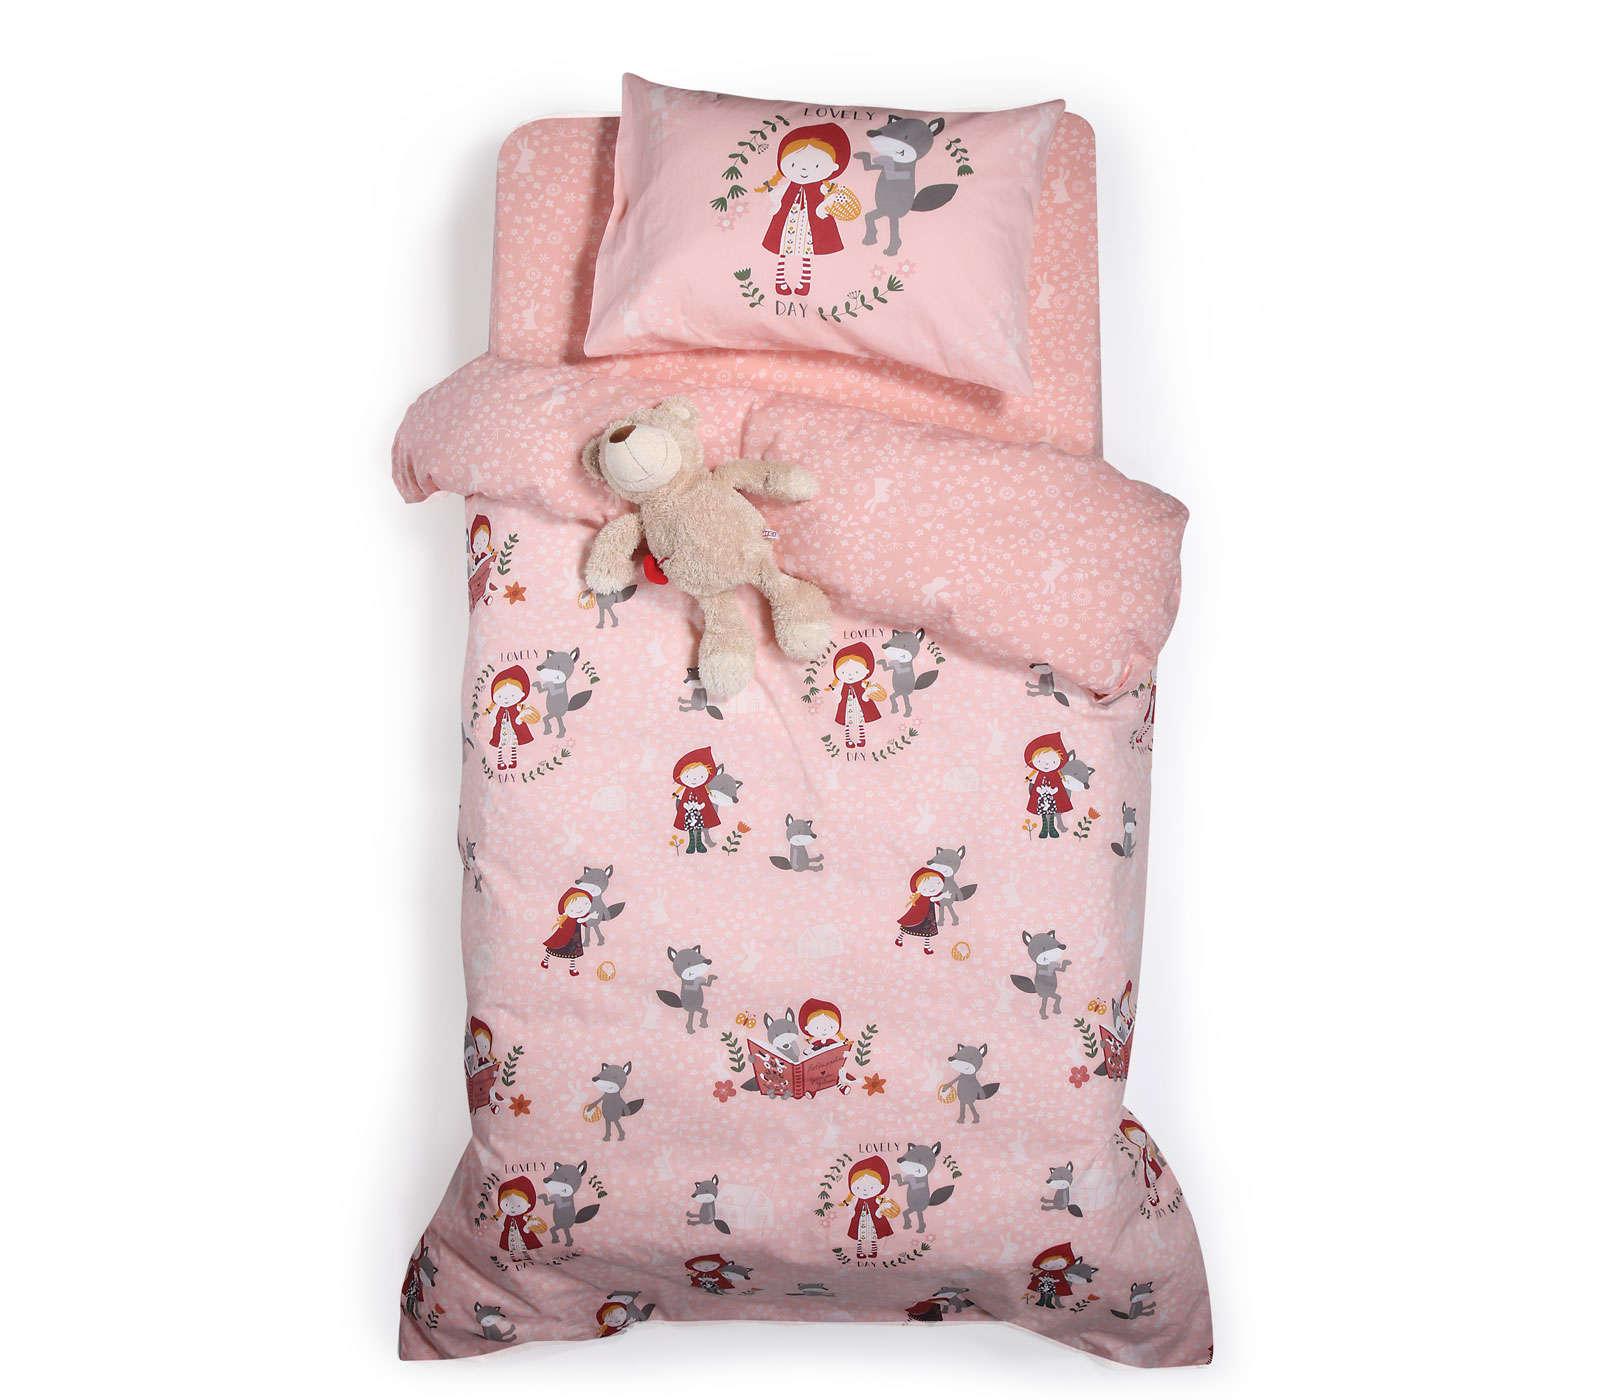 Σεντόνια Παιδικά Σετ 3τμχ Red Riding Hood Pink Nef Nef Μονό 160x260cm